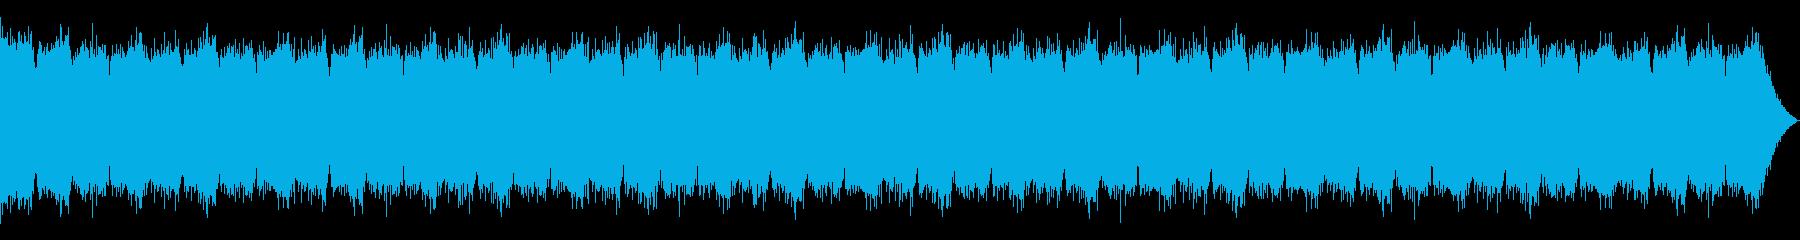 【YouTube】ホラー、怪奇現象 怖いの再生済みの波形